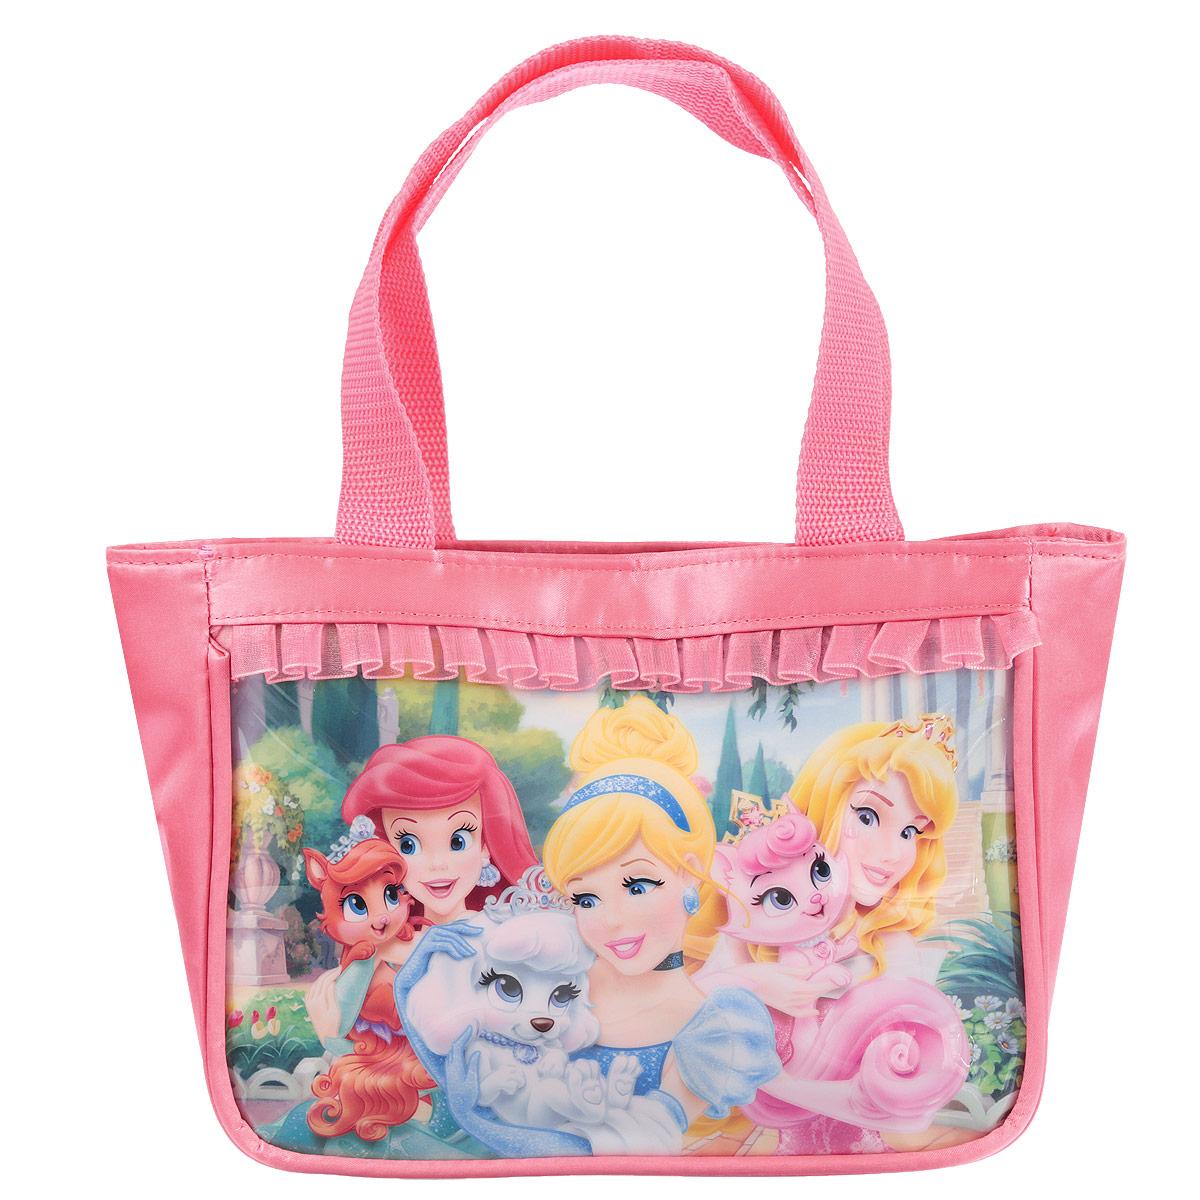 Сумочка детская Princess, цвет: розовый сумочка princess цвет розовый prcb ut4 4017